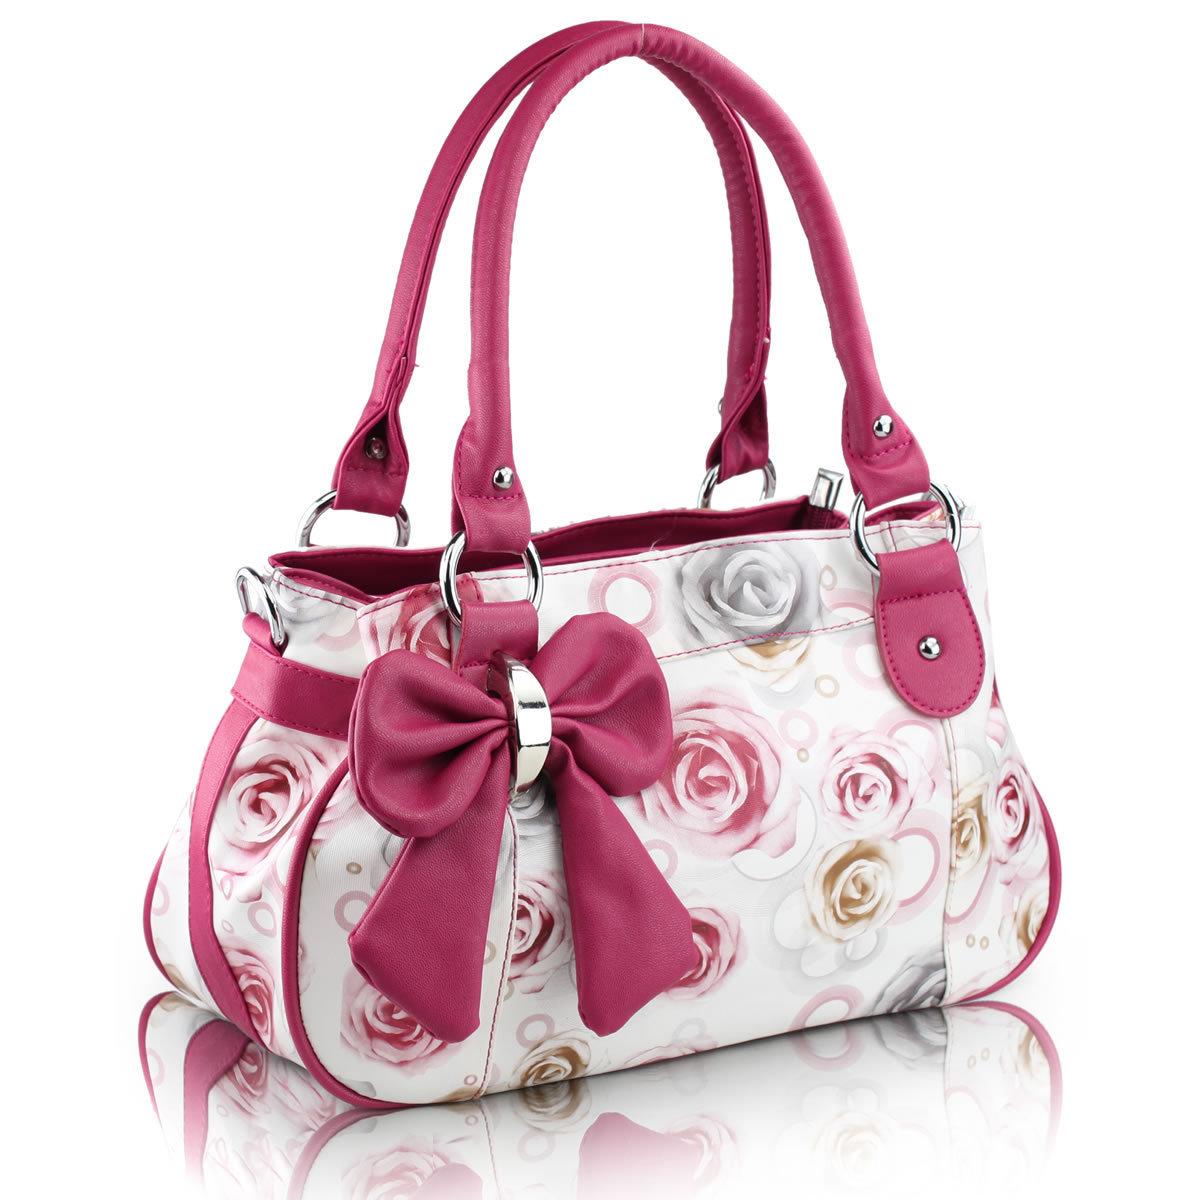 بالصور حقائب نسائية , احدث موديلات حقائب النساء 6355 4